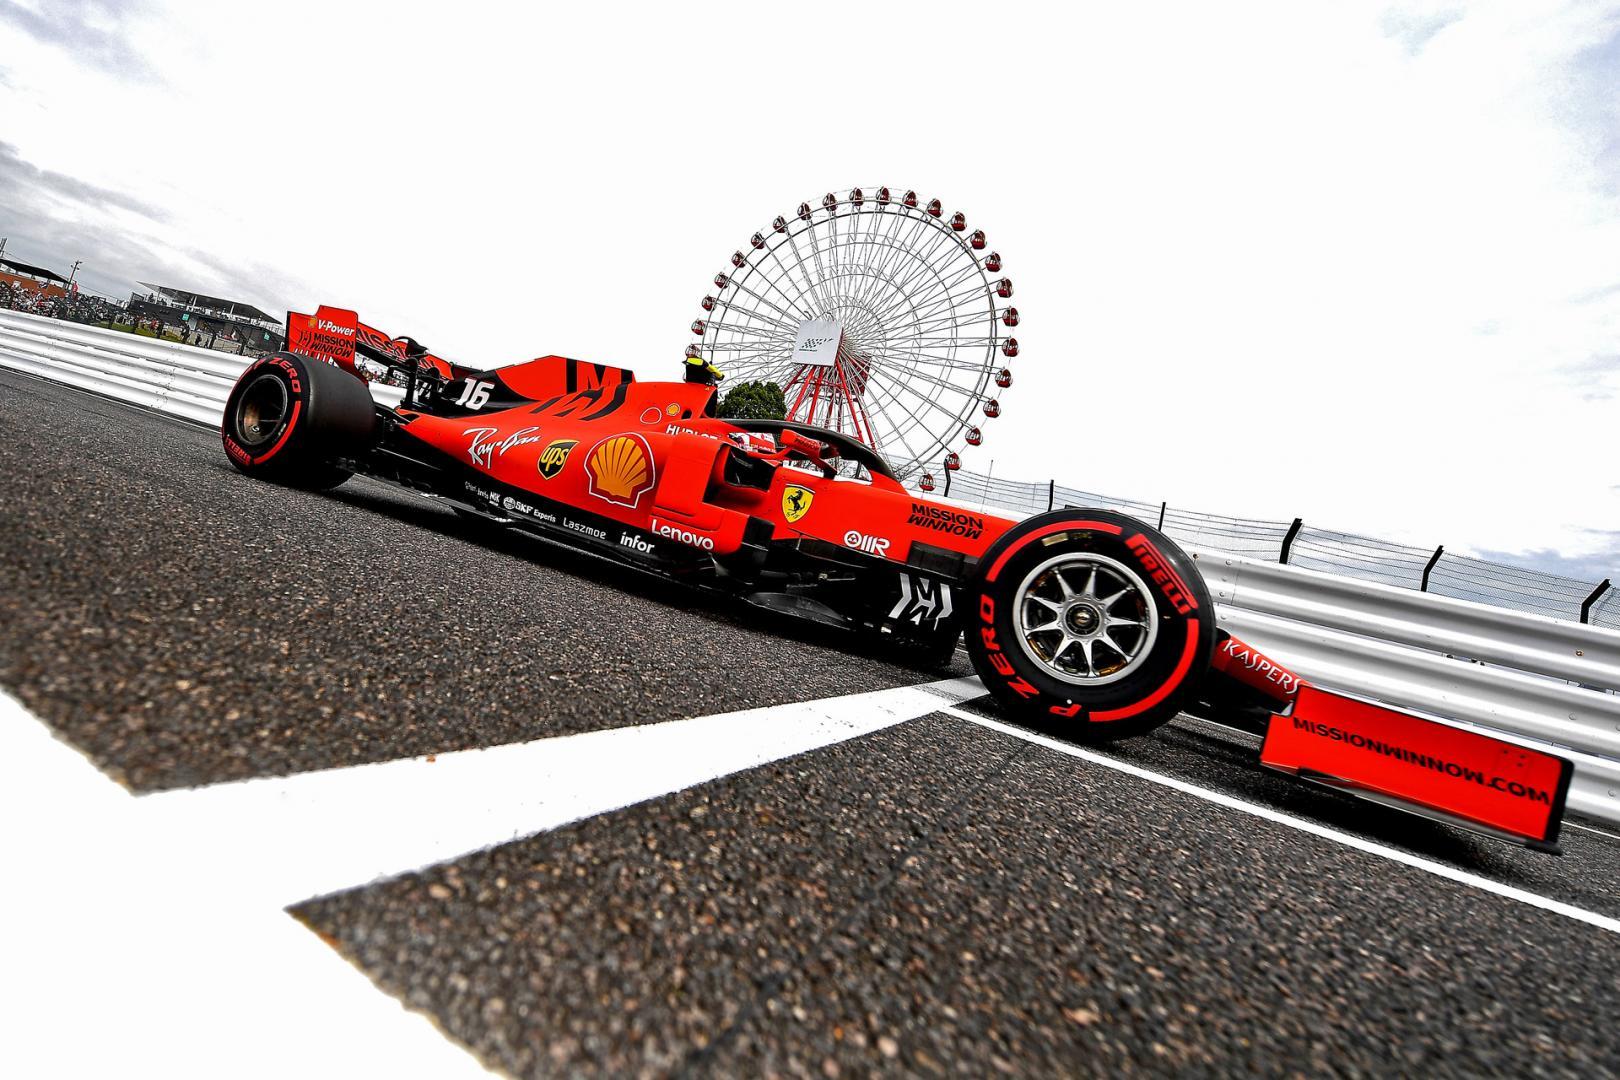 Leclerc met reuzerad GP Japan 2019 2